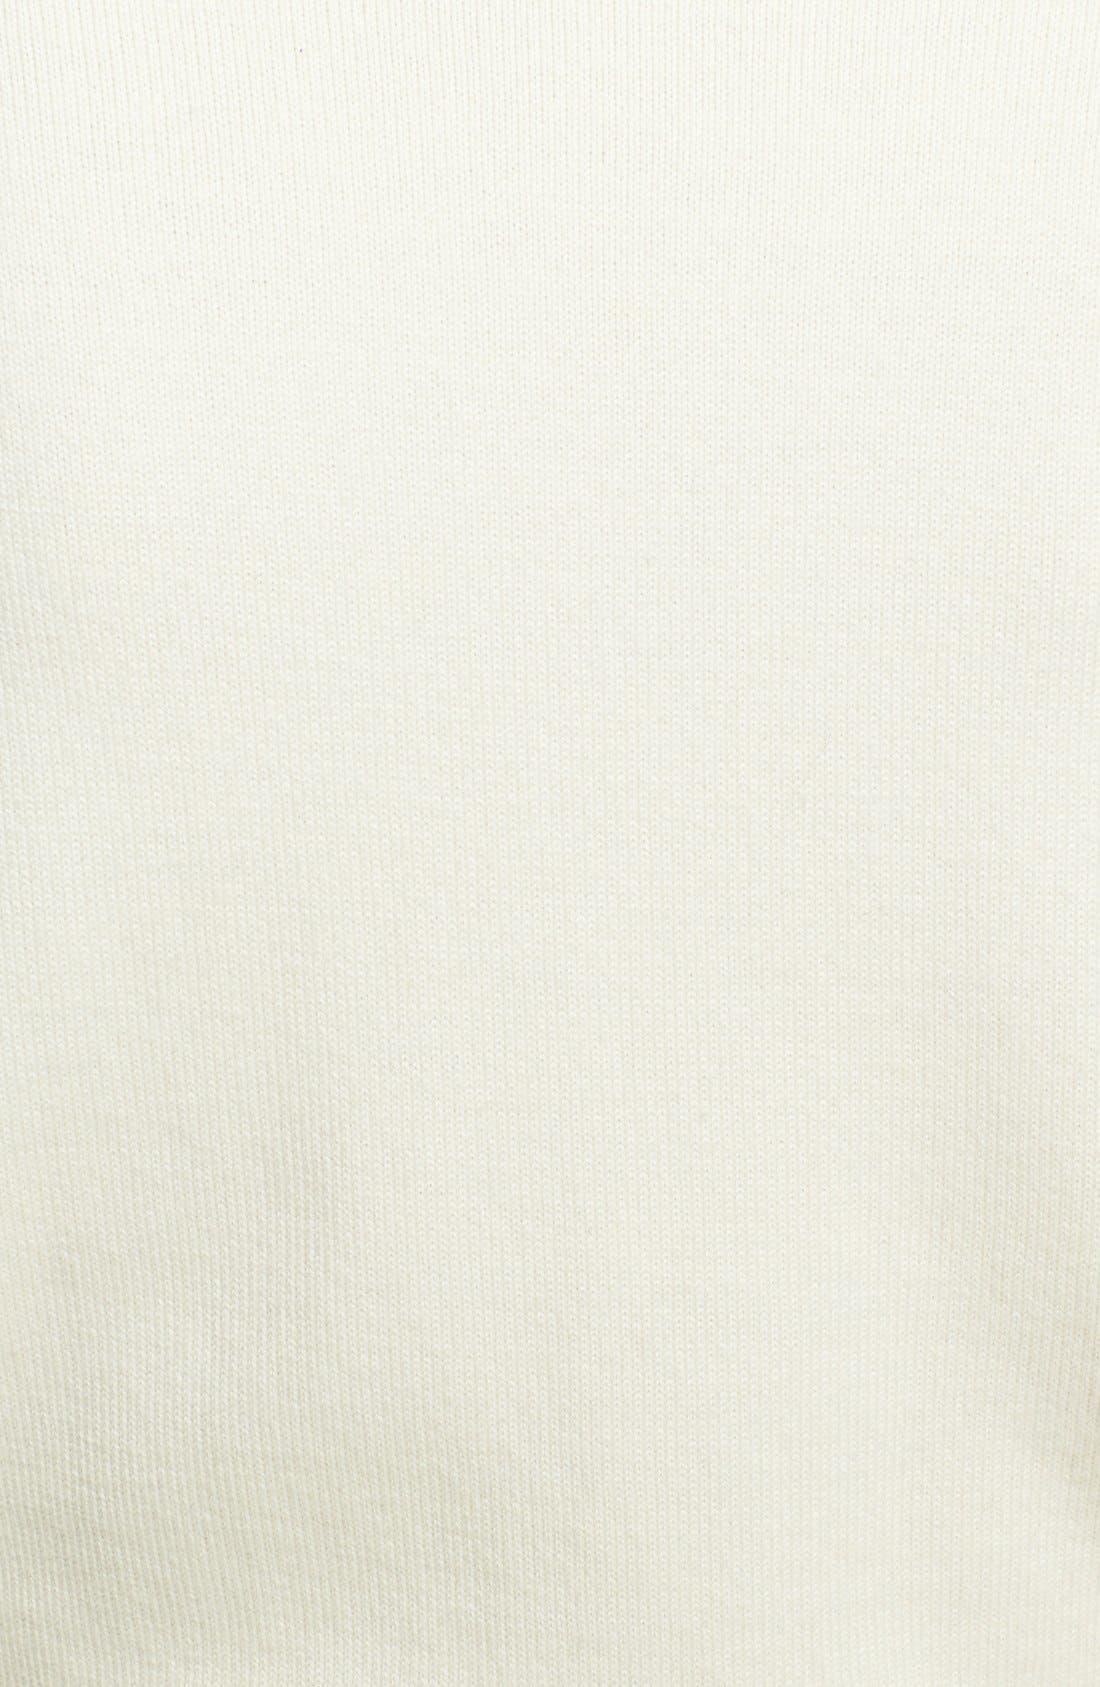 Alternate Image 3  - Diane von Furstenberg 'Ballerina' Cardigan Sweater